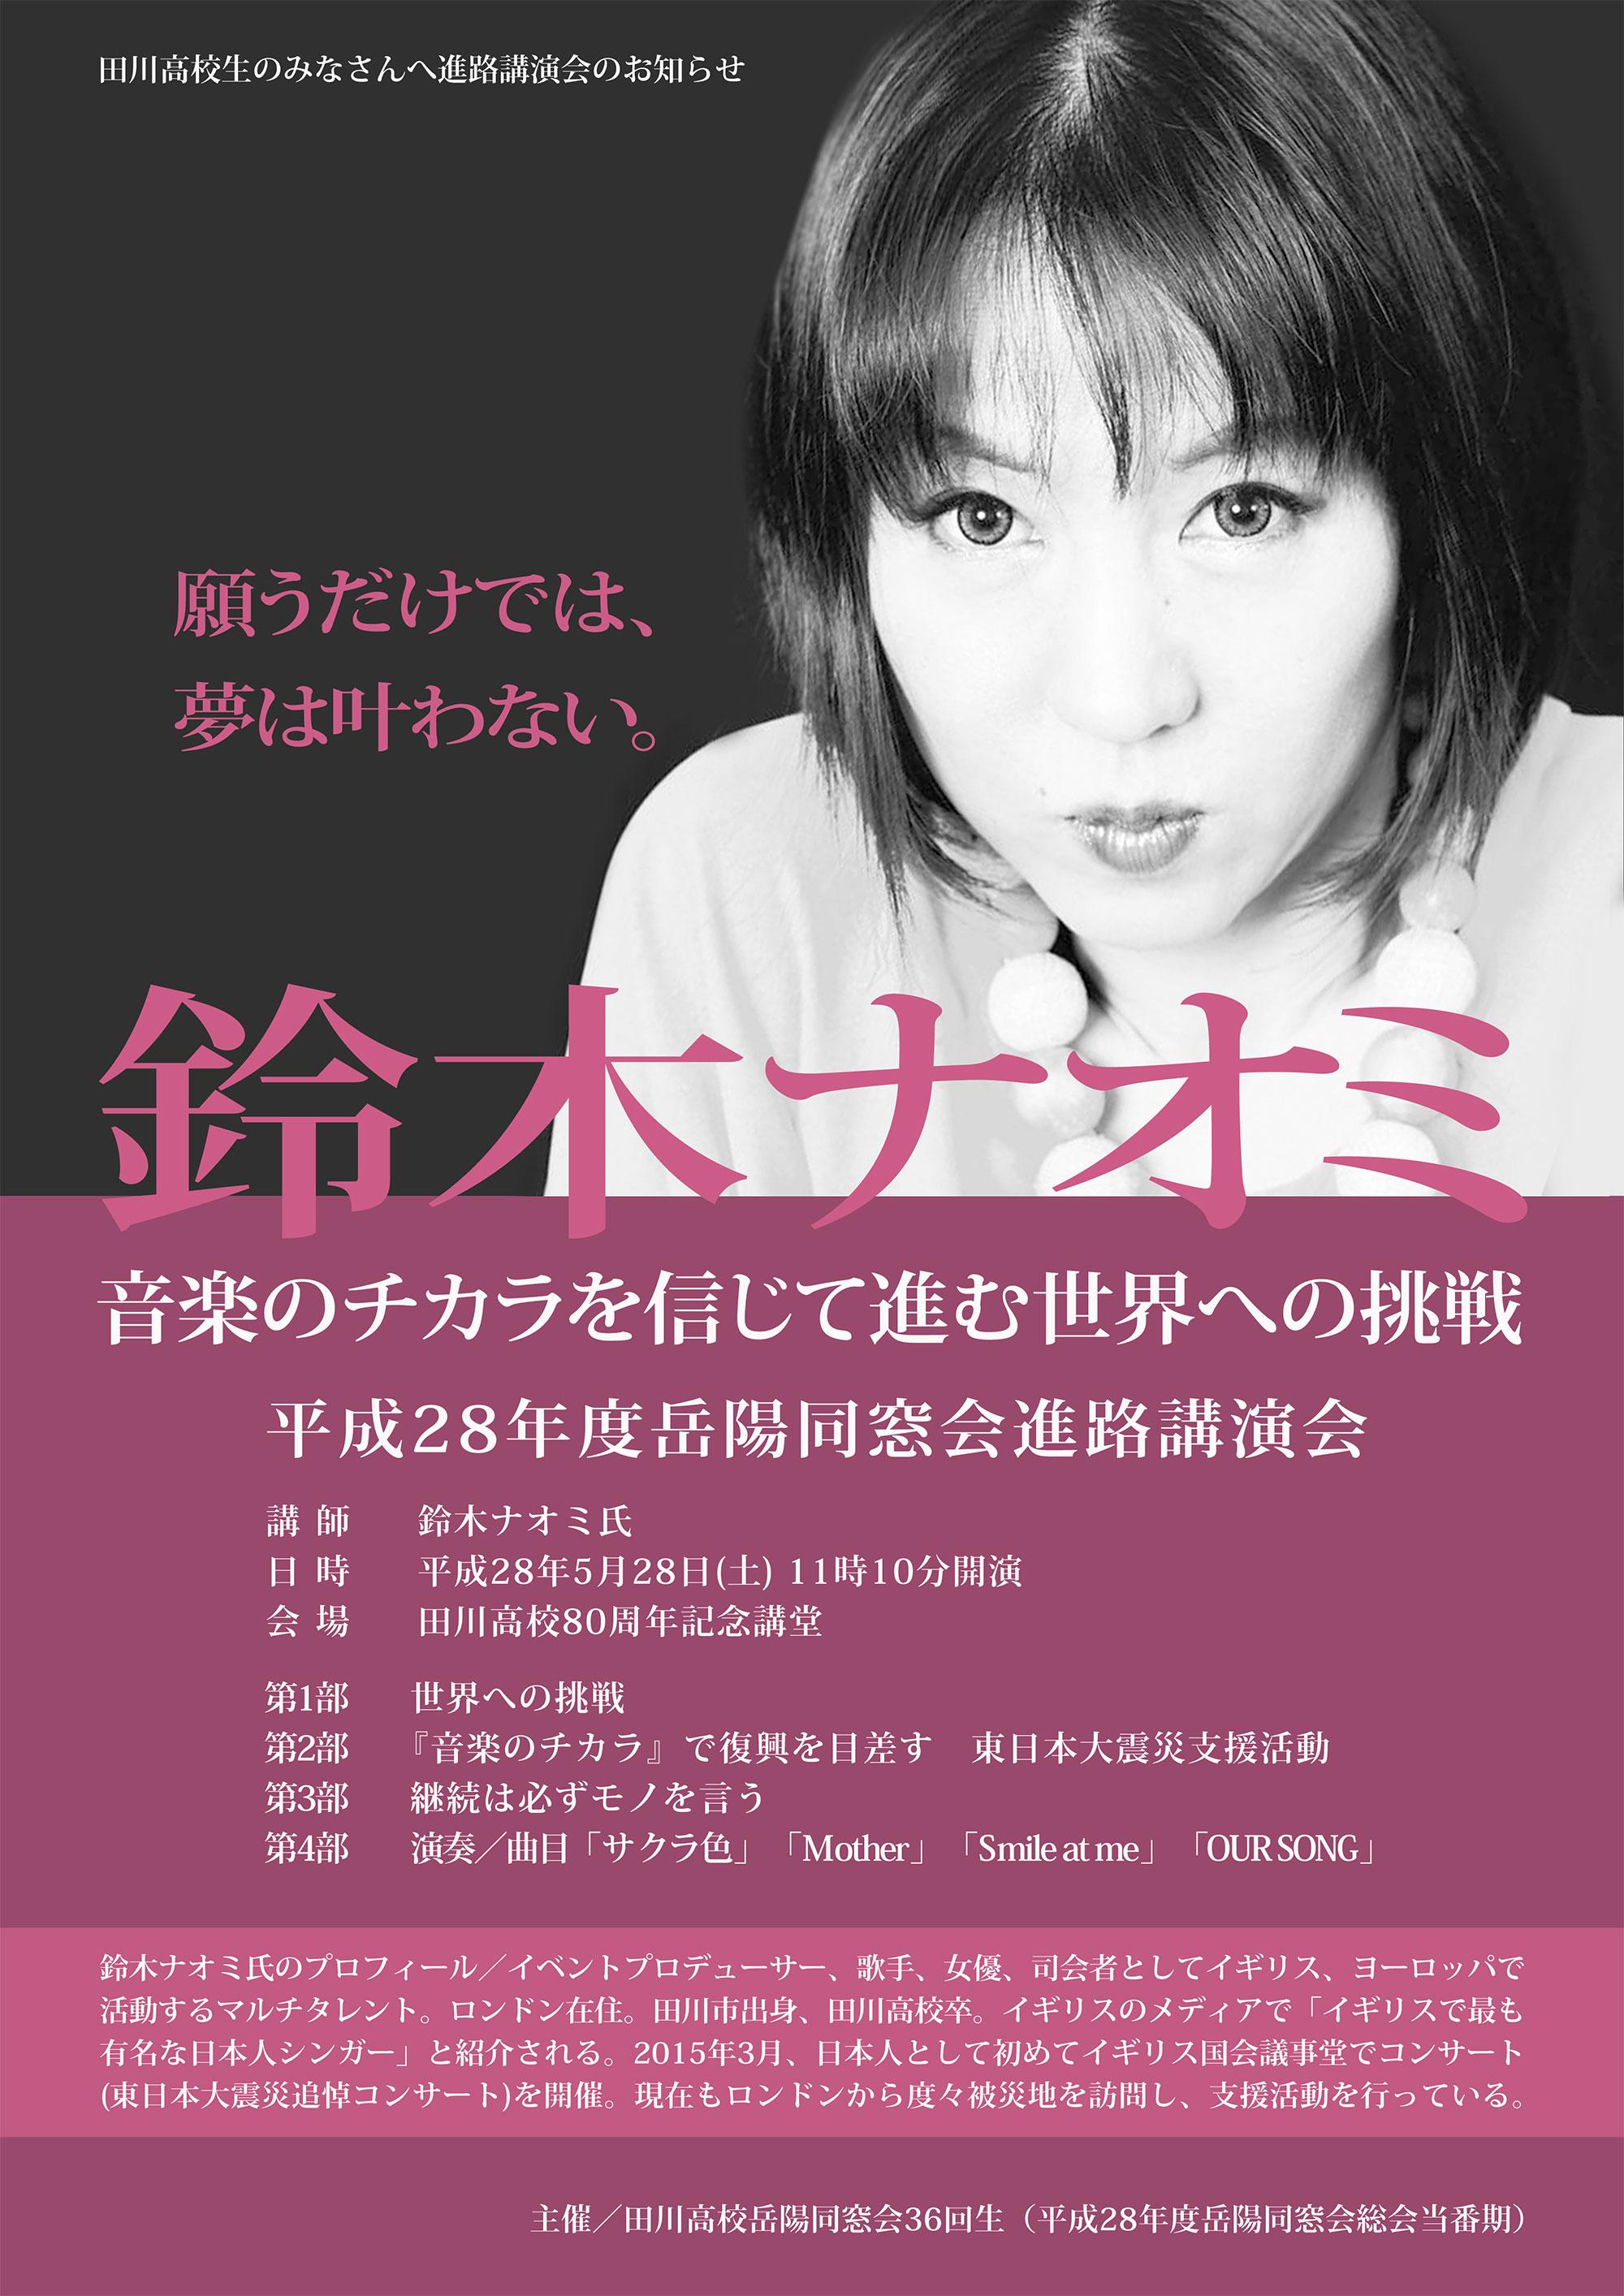 田川高校岳陽同窓会平成28年度進路講演会ポスター